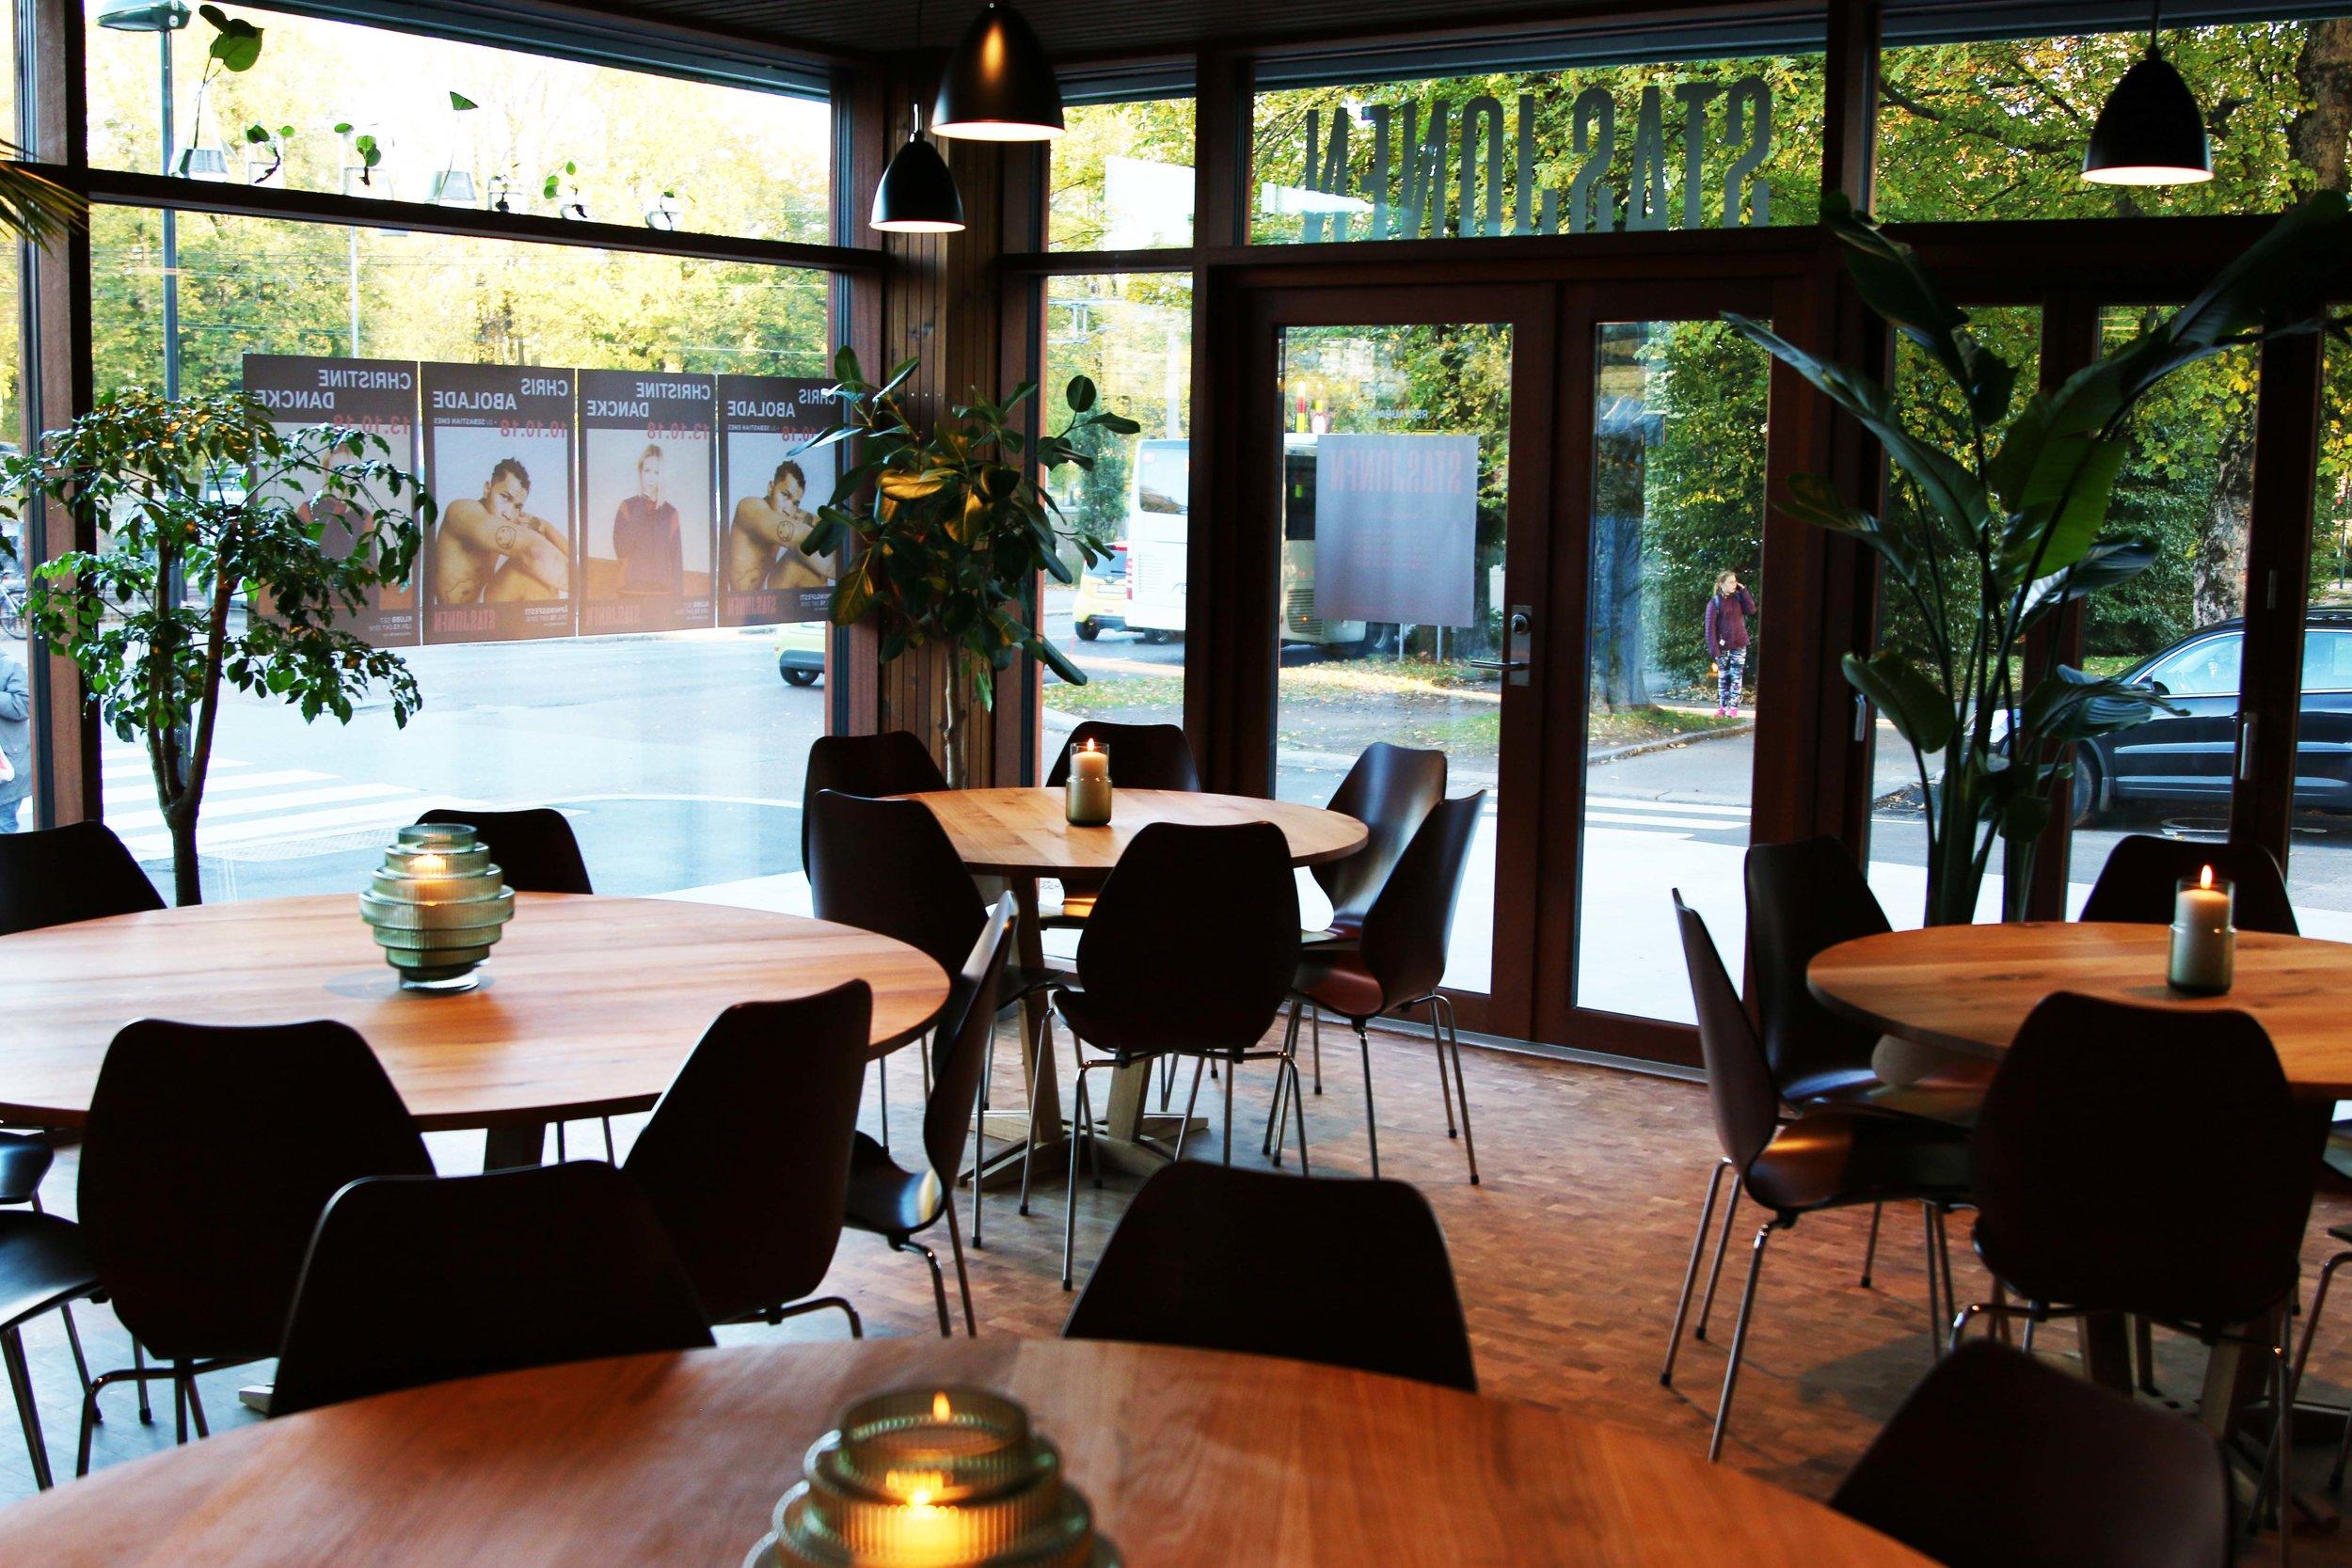 lavaoslo-Restaurant-kafe-stasjonen-tønsberg-pizza-bakst